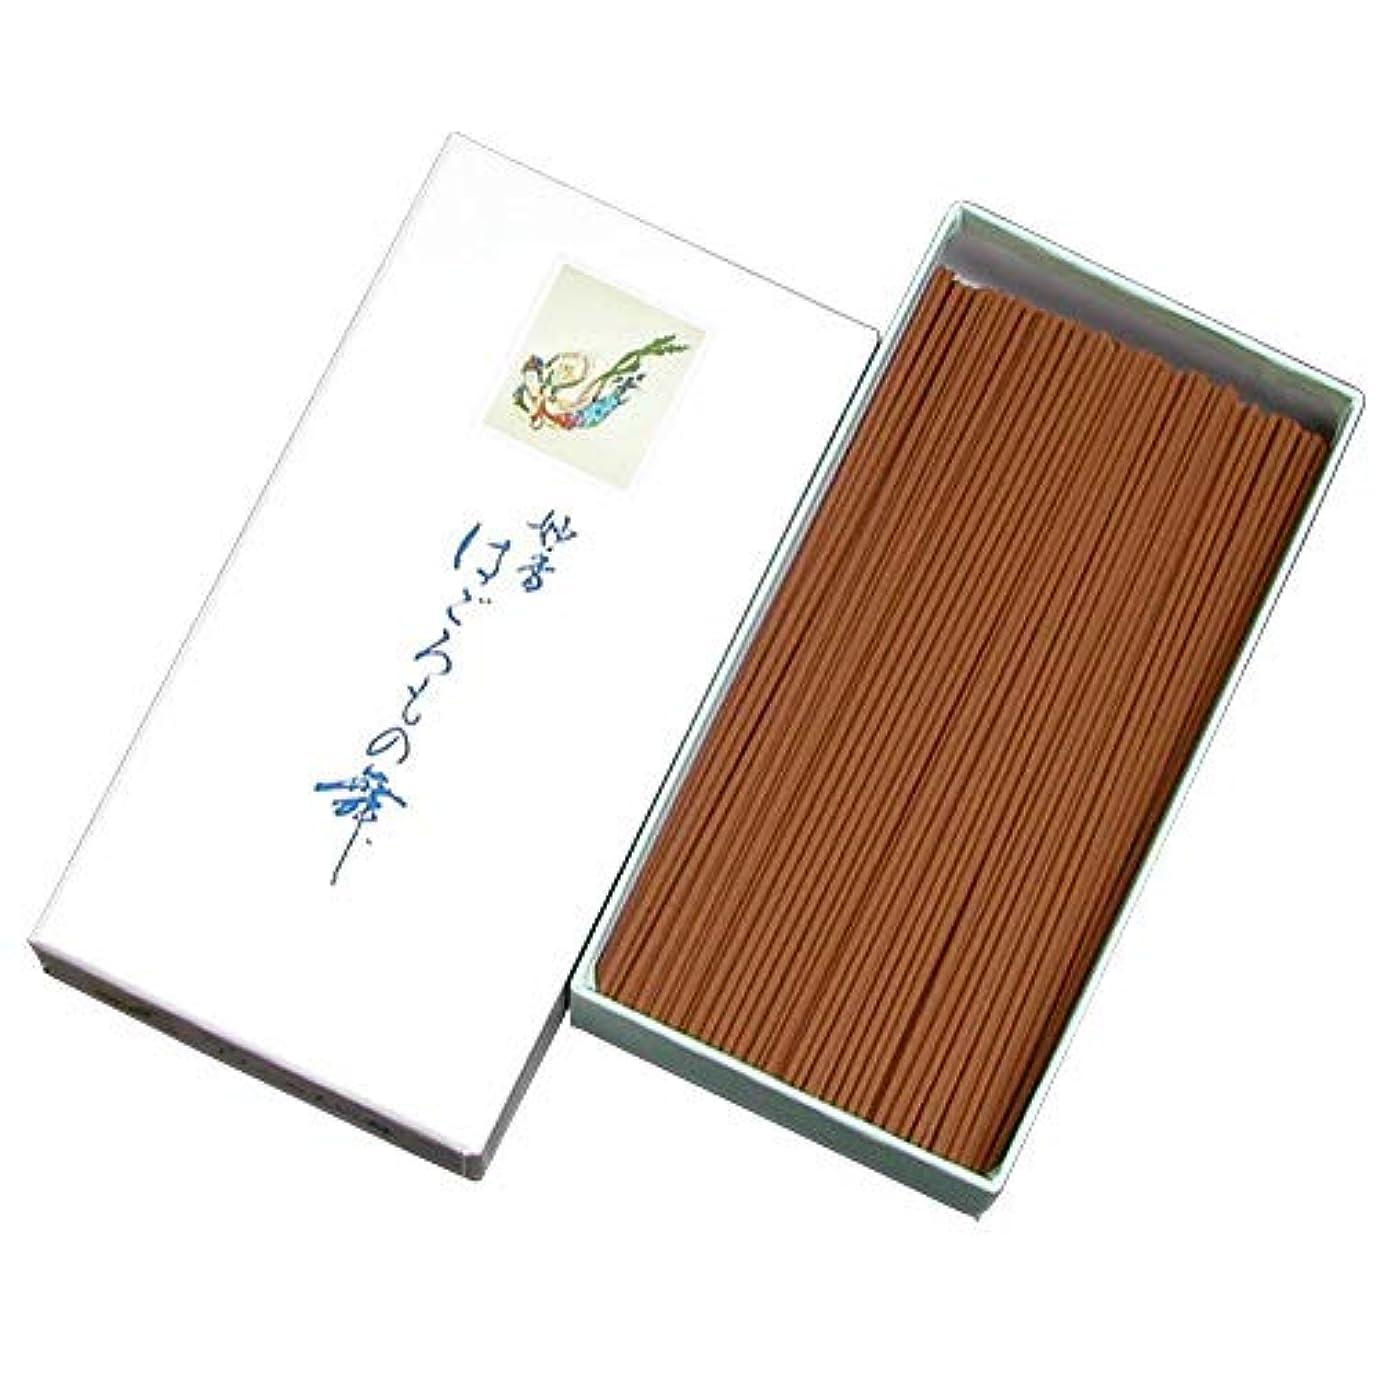 警告する脆いトリム家庭用線香 はごろもの舞(箱寸法16×8.5×3.5cm)◆一番人気の優しい香りのお線香(大発)